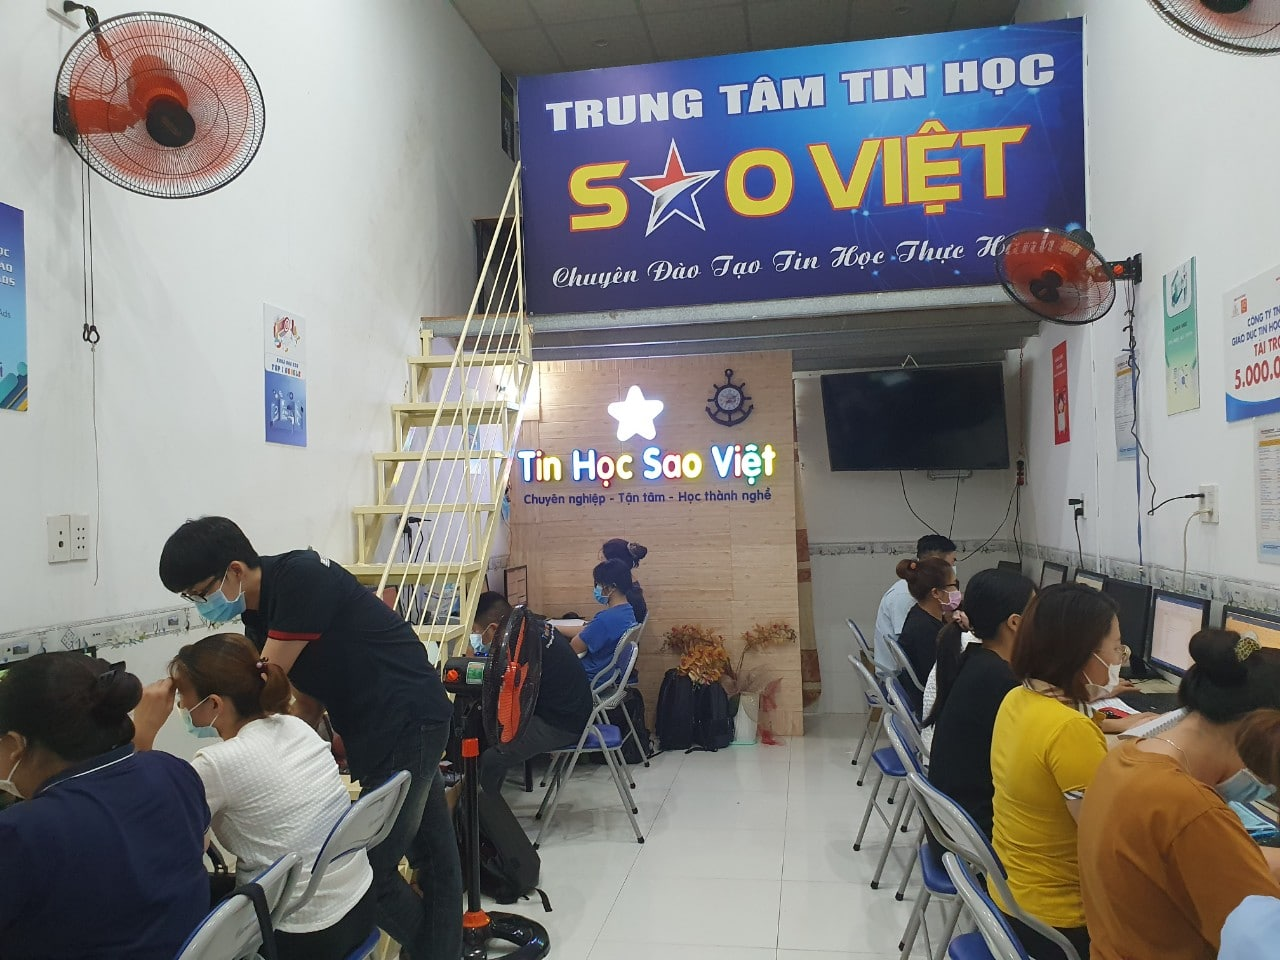 Trung tâm Tin học Sao Việt Hà Nội